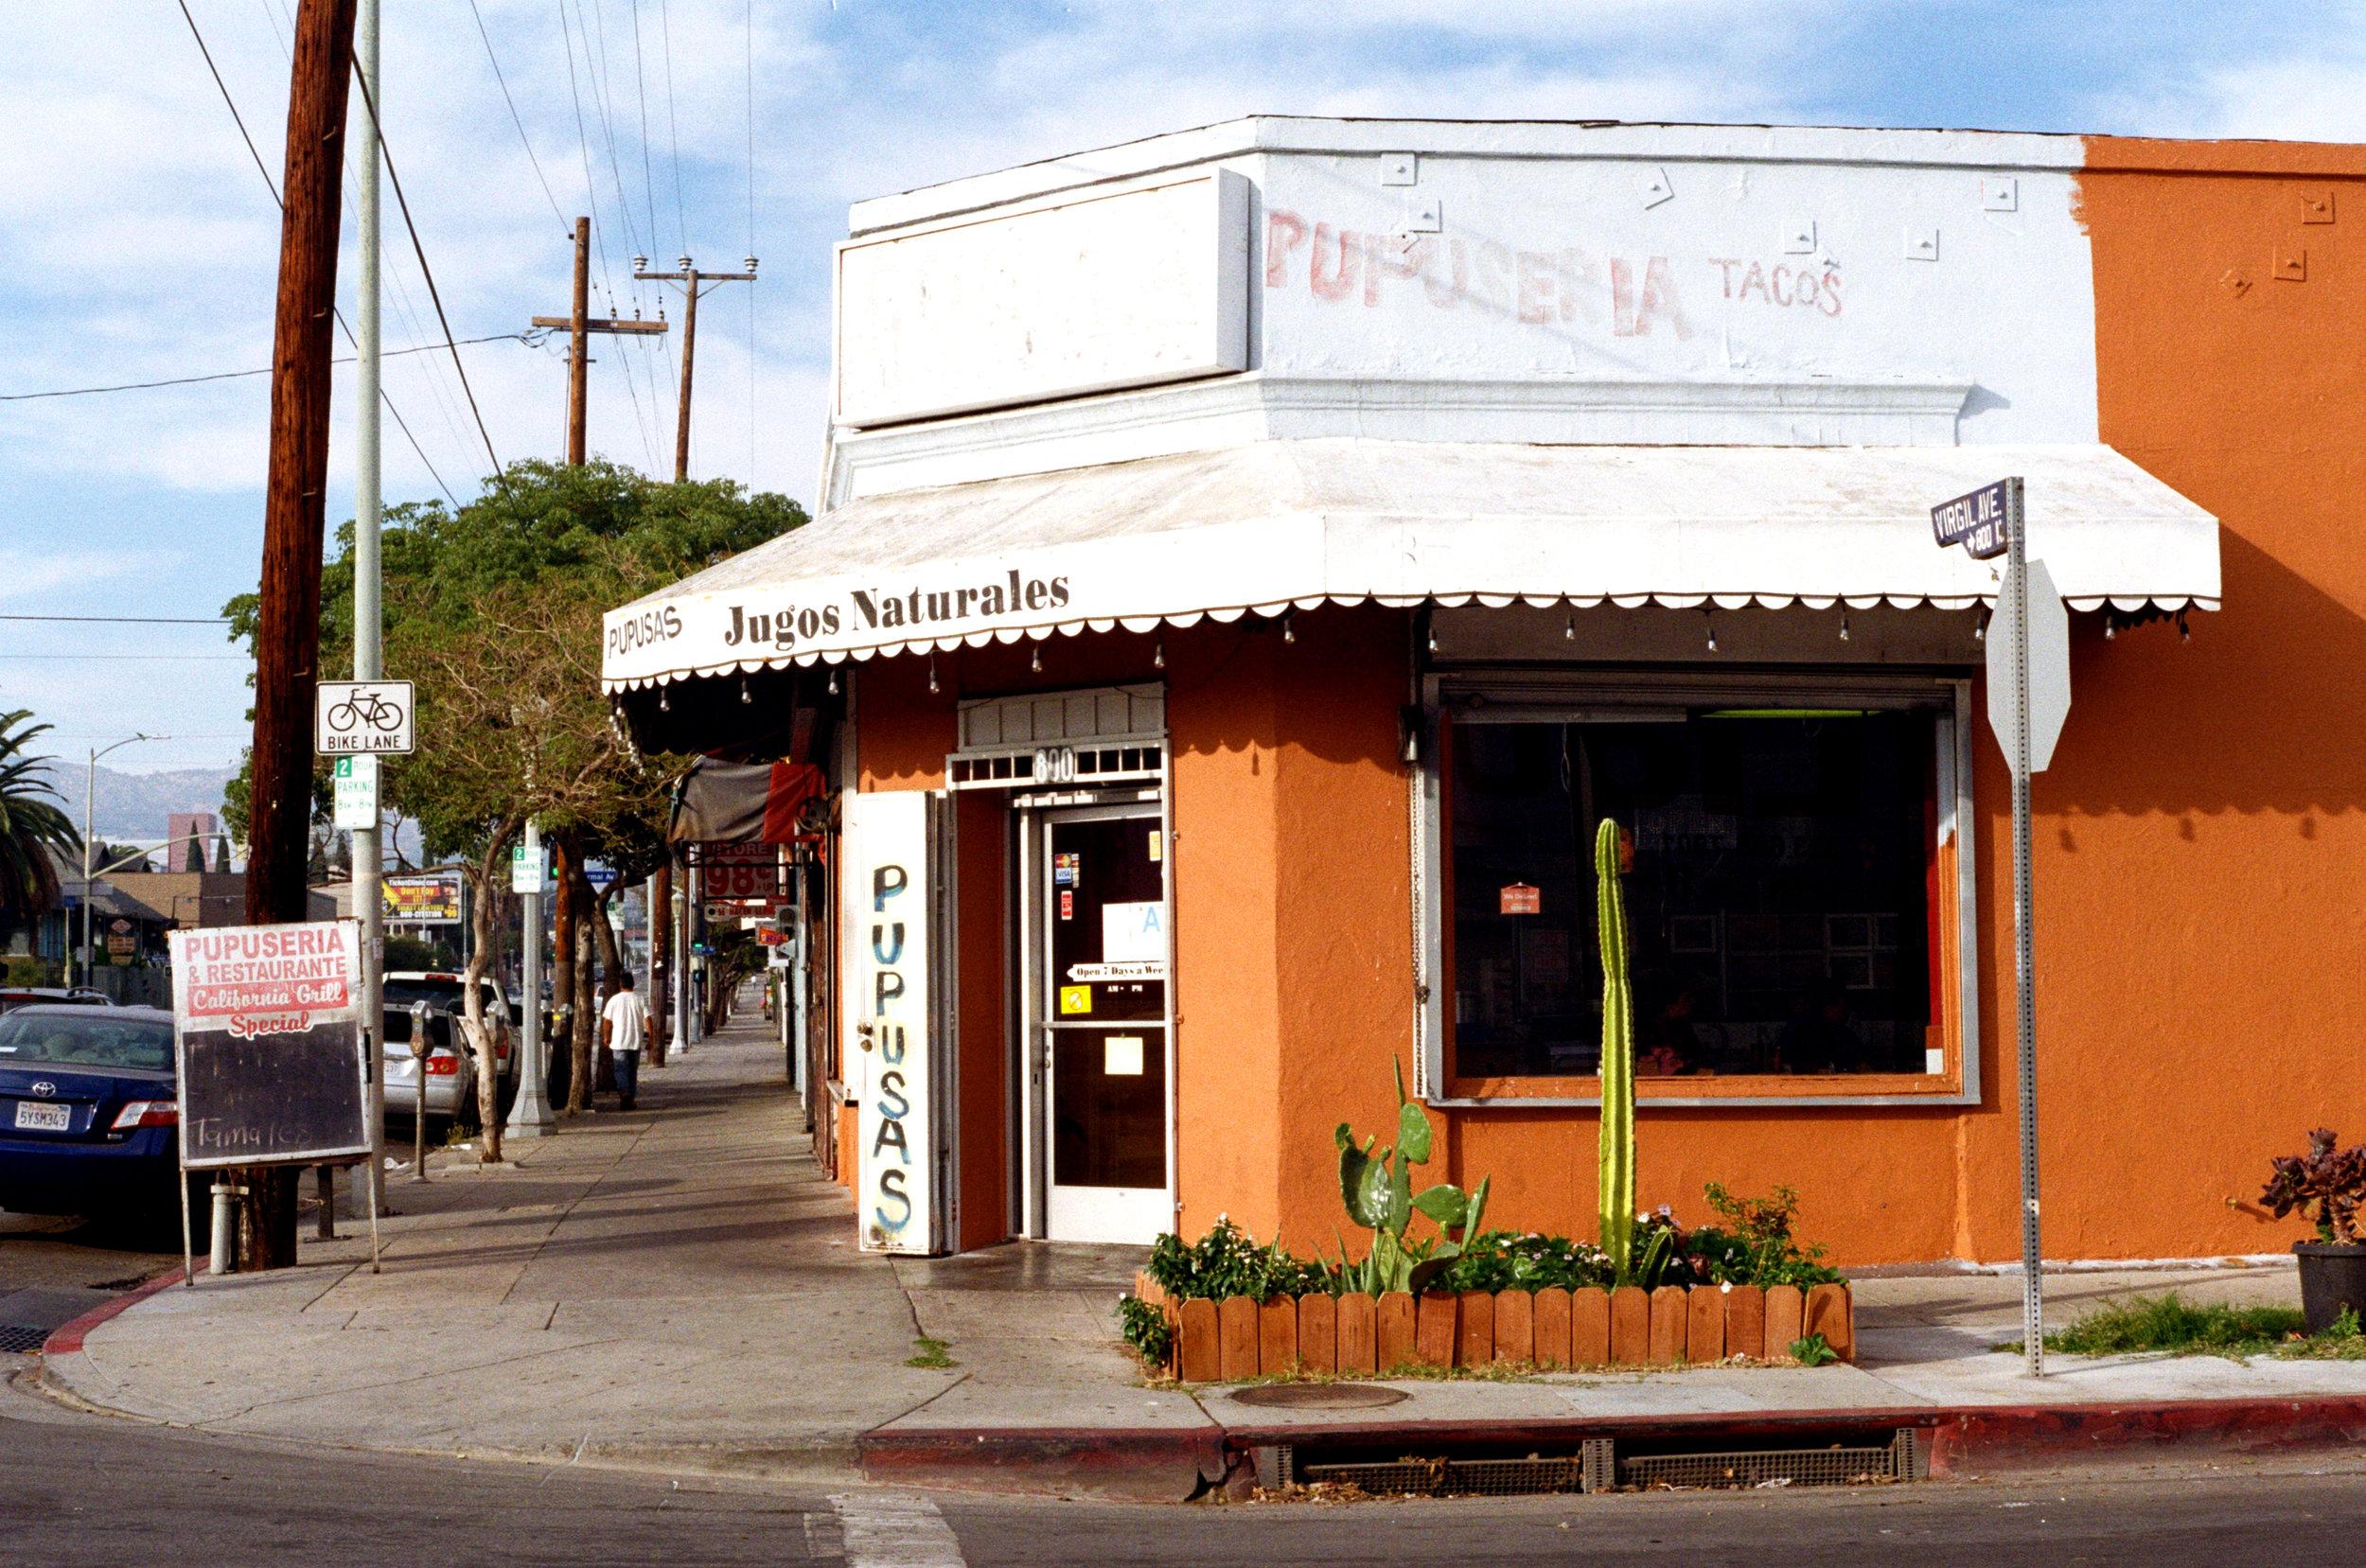 CaliforniaGrill_exterior_35mm.jpg